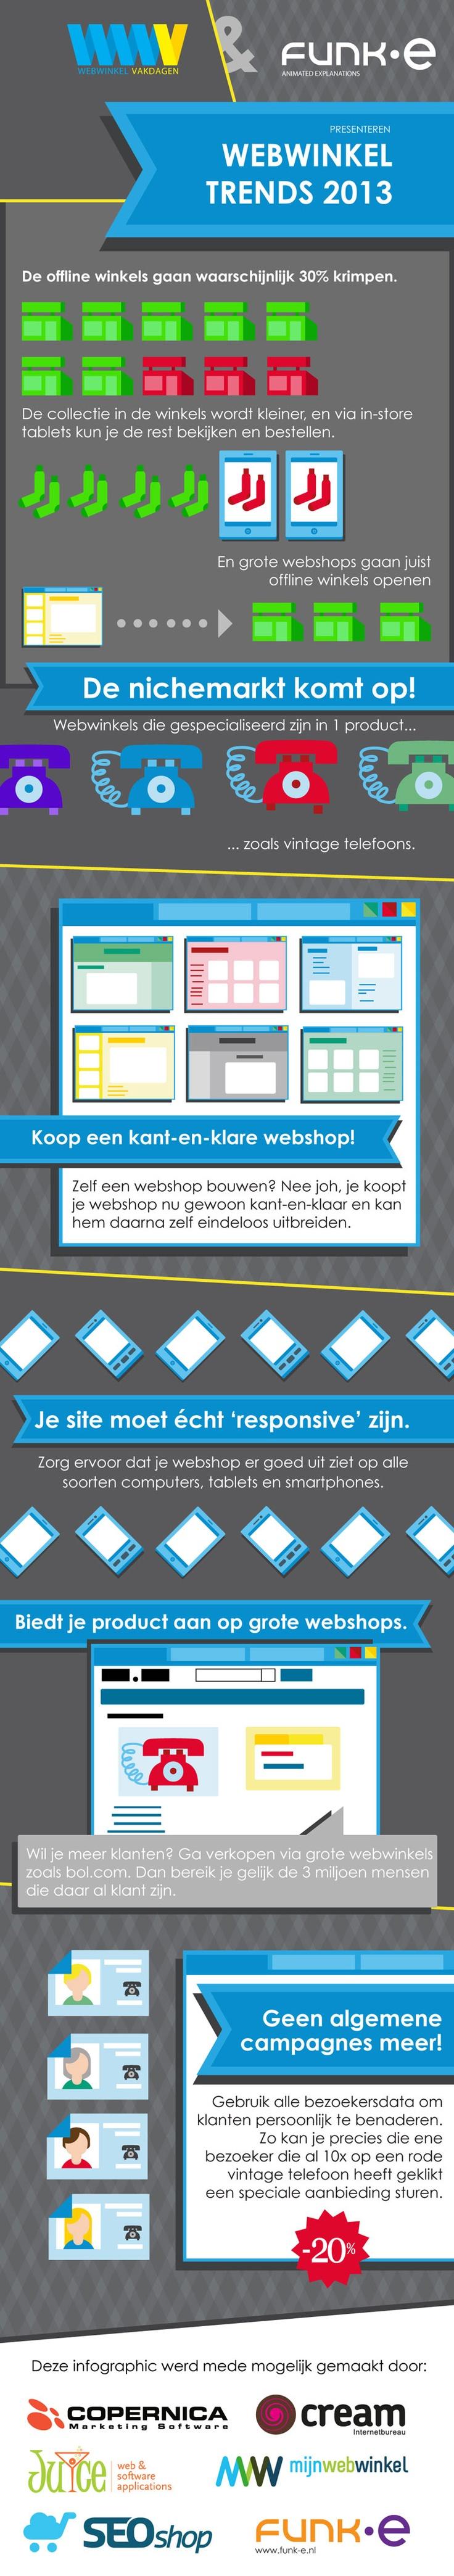 Infographic - 5 tips voor je Webwinkel in 2013